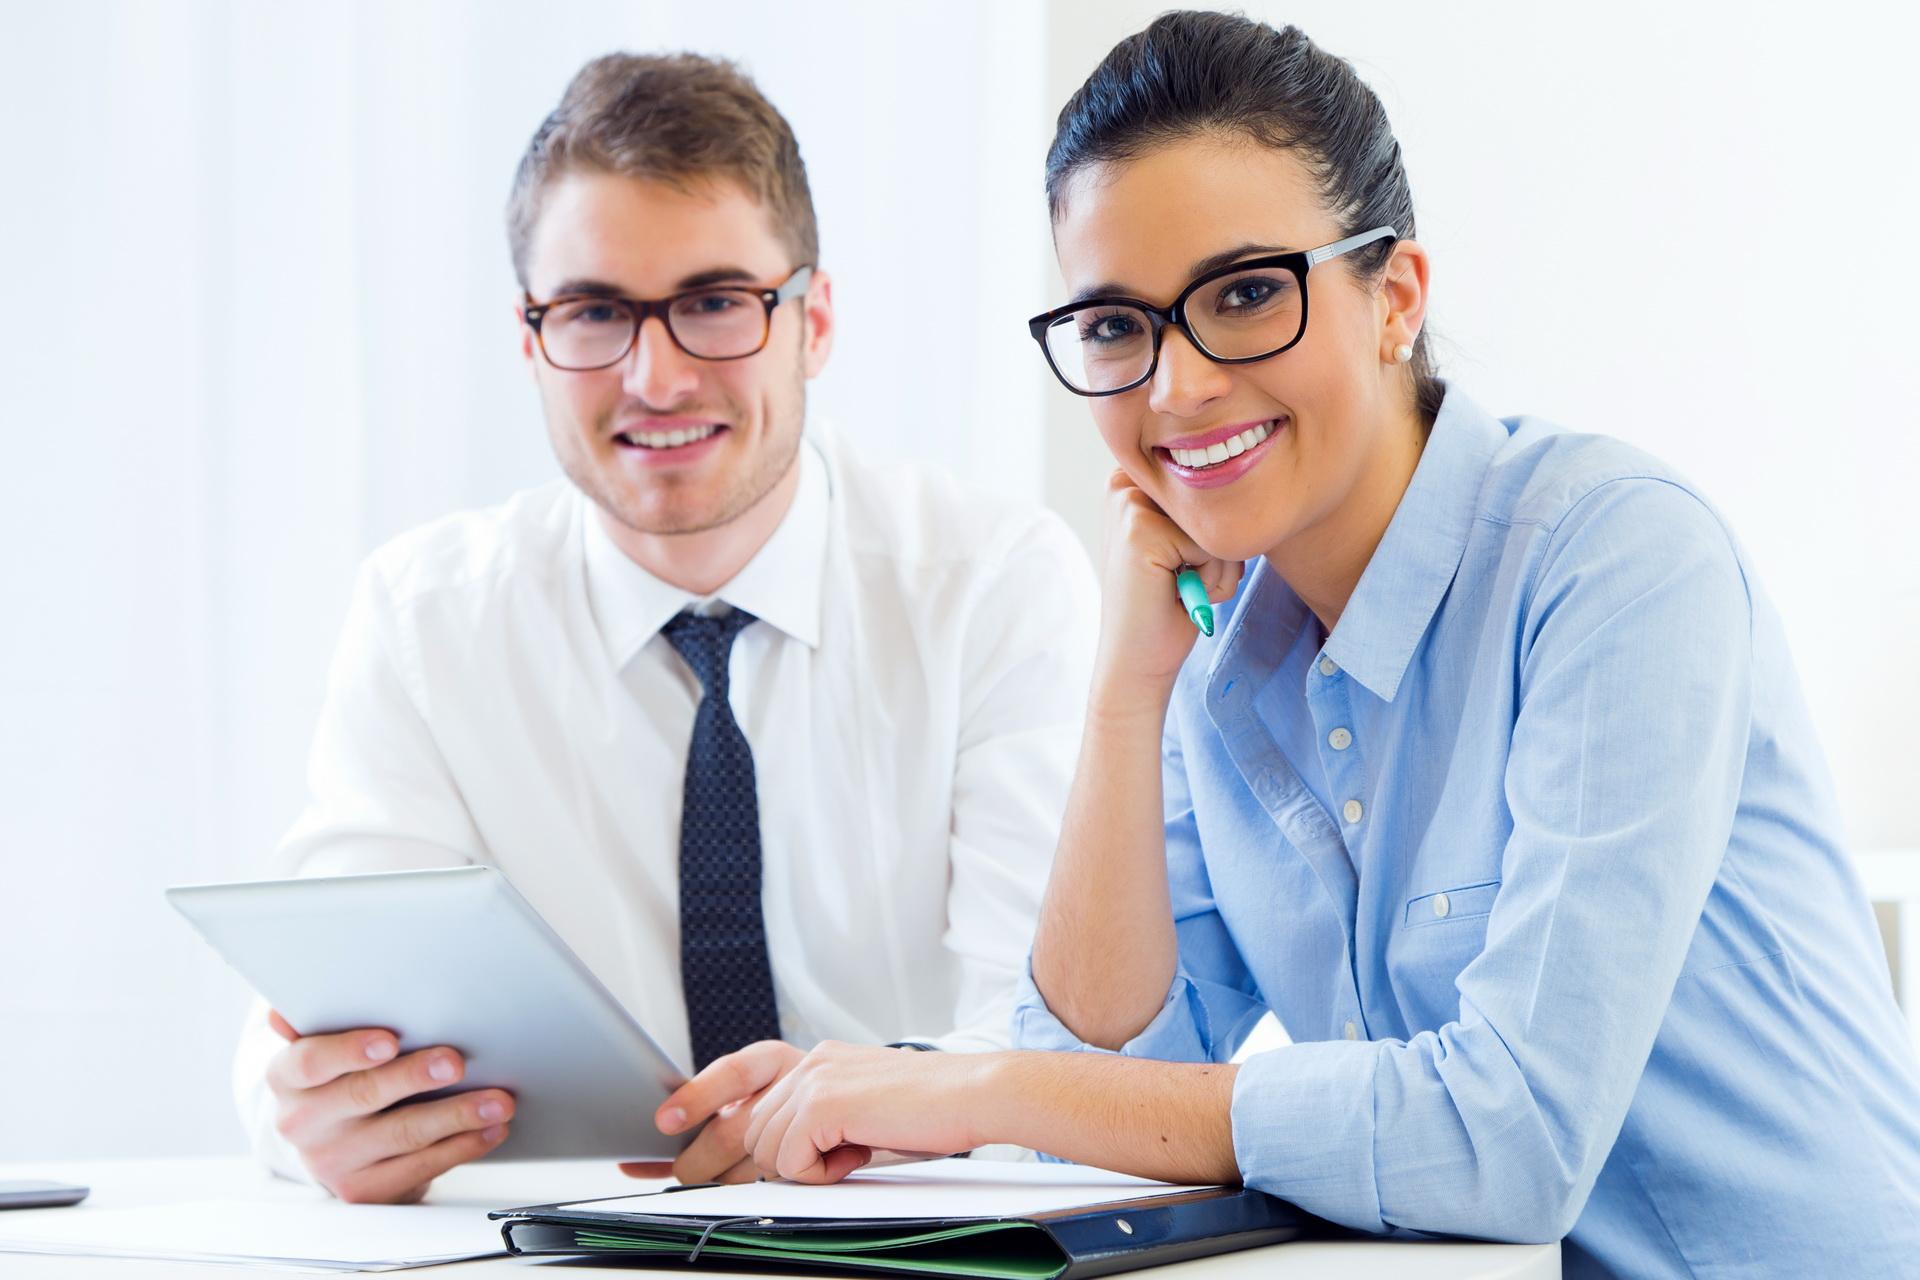 biztosítási és pénzügyi közvetítők